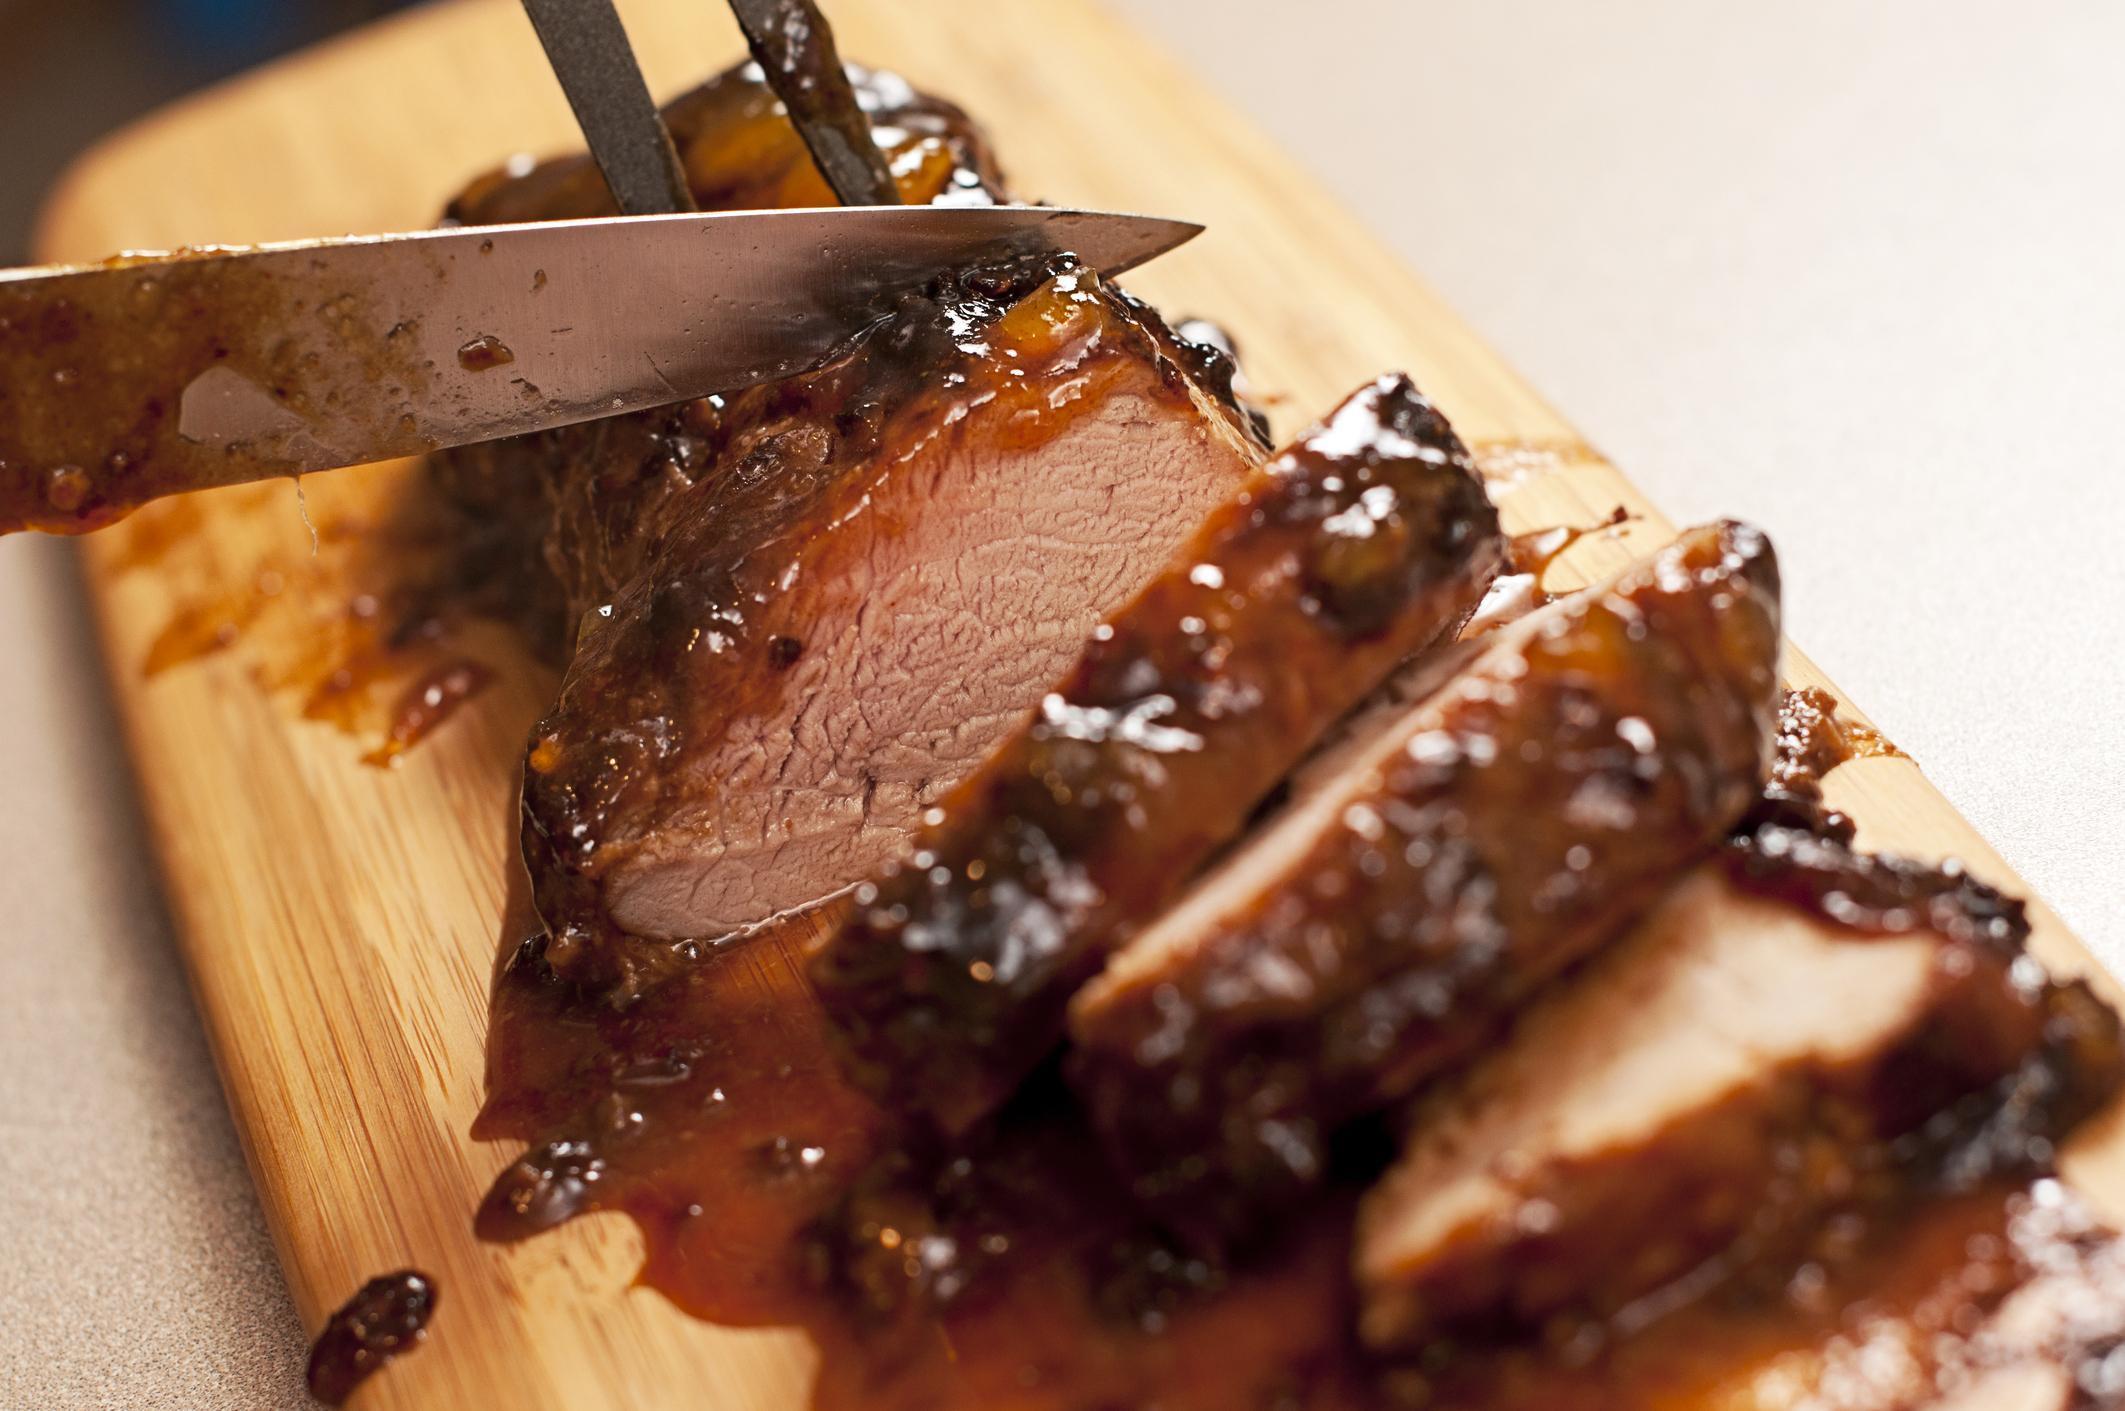 Pork Loin Instant Pot Paleo  Instant Pot Paleo Pork Tenderloin Recipe by Natalie Lobel